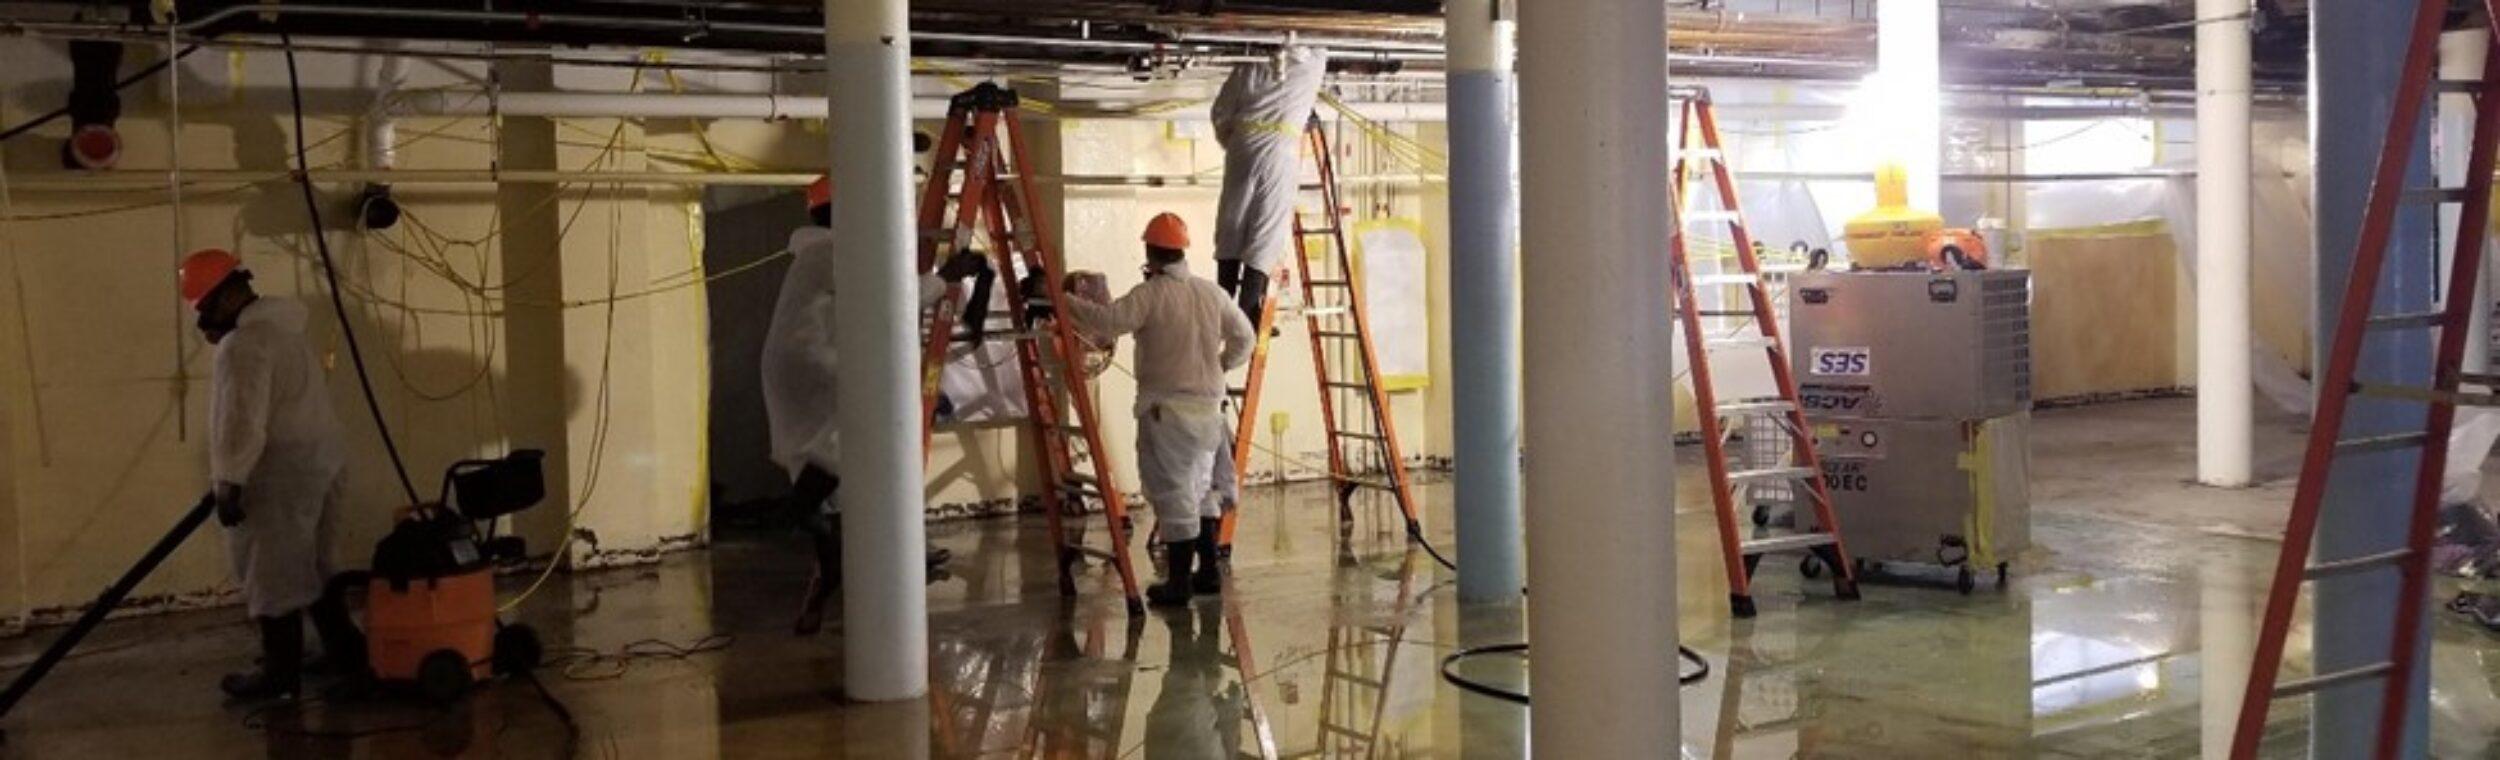 Asbestos Contaminated Demolition Central Ny 1